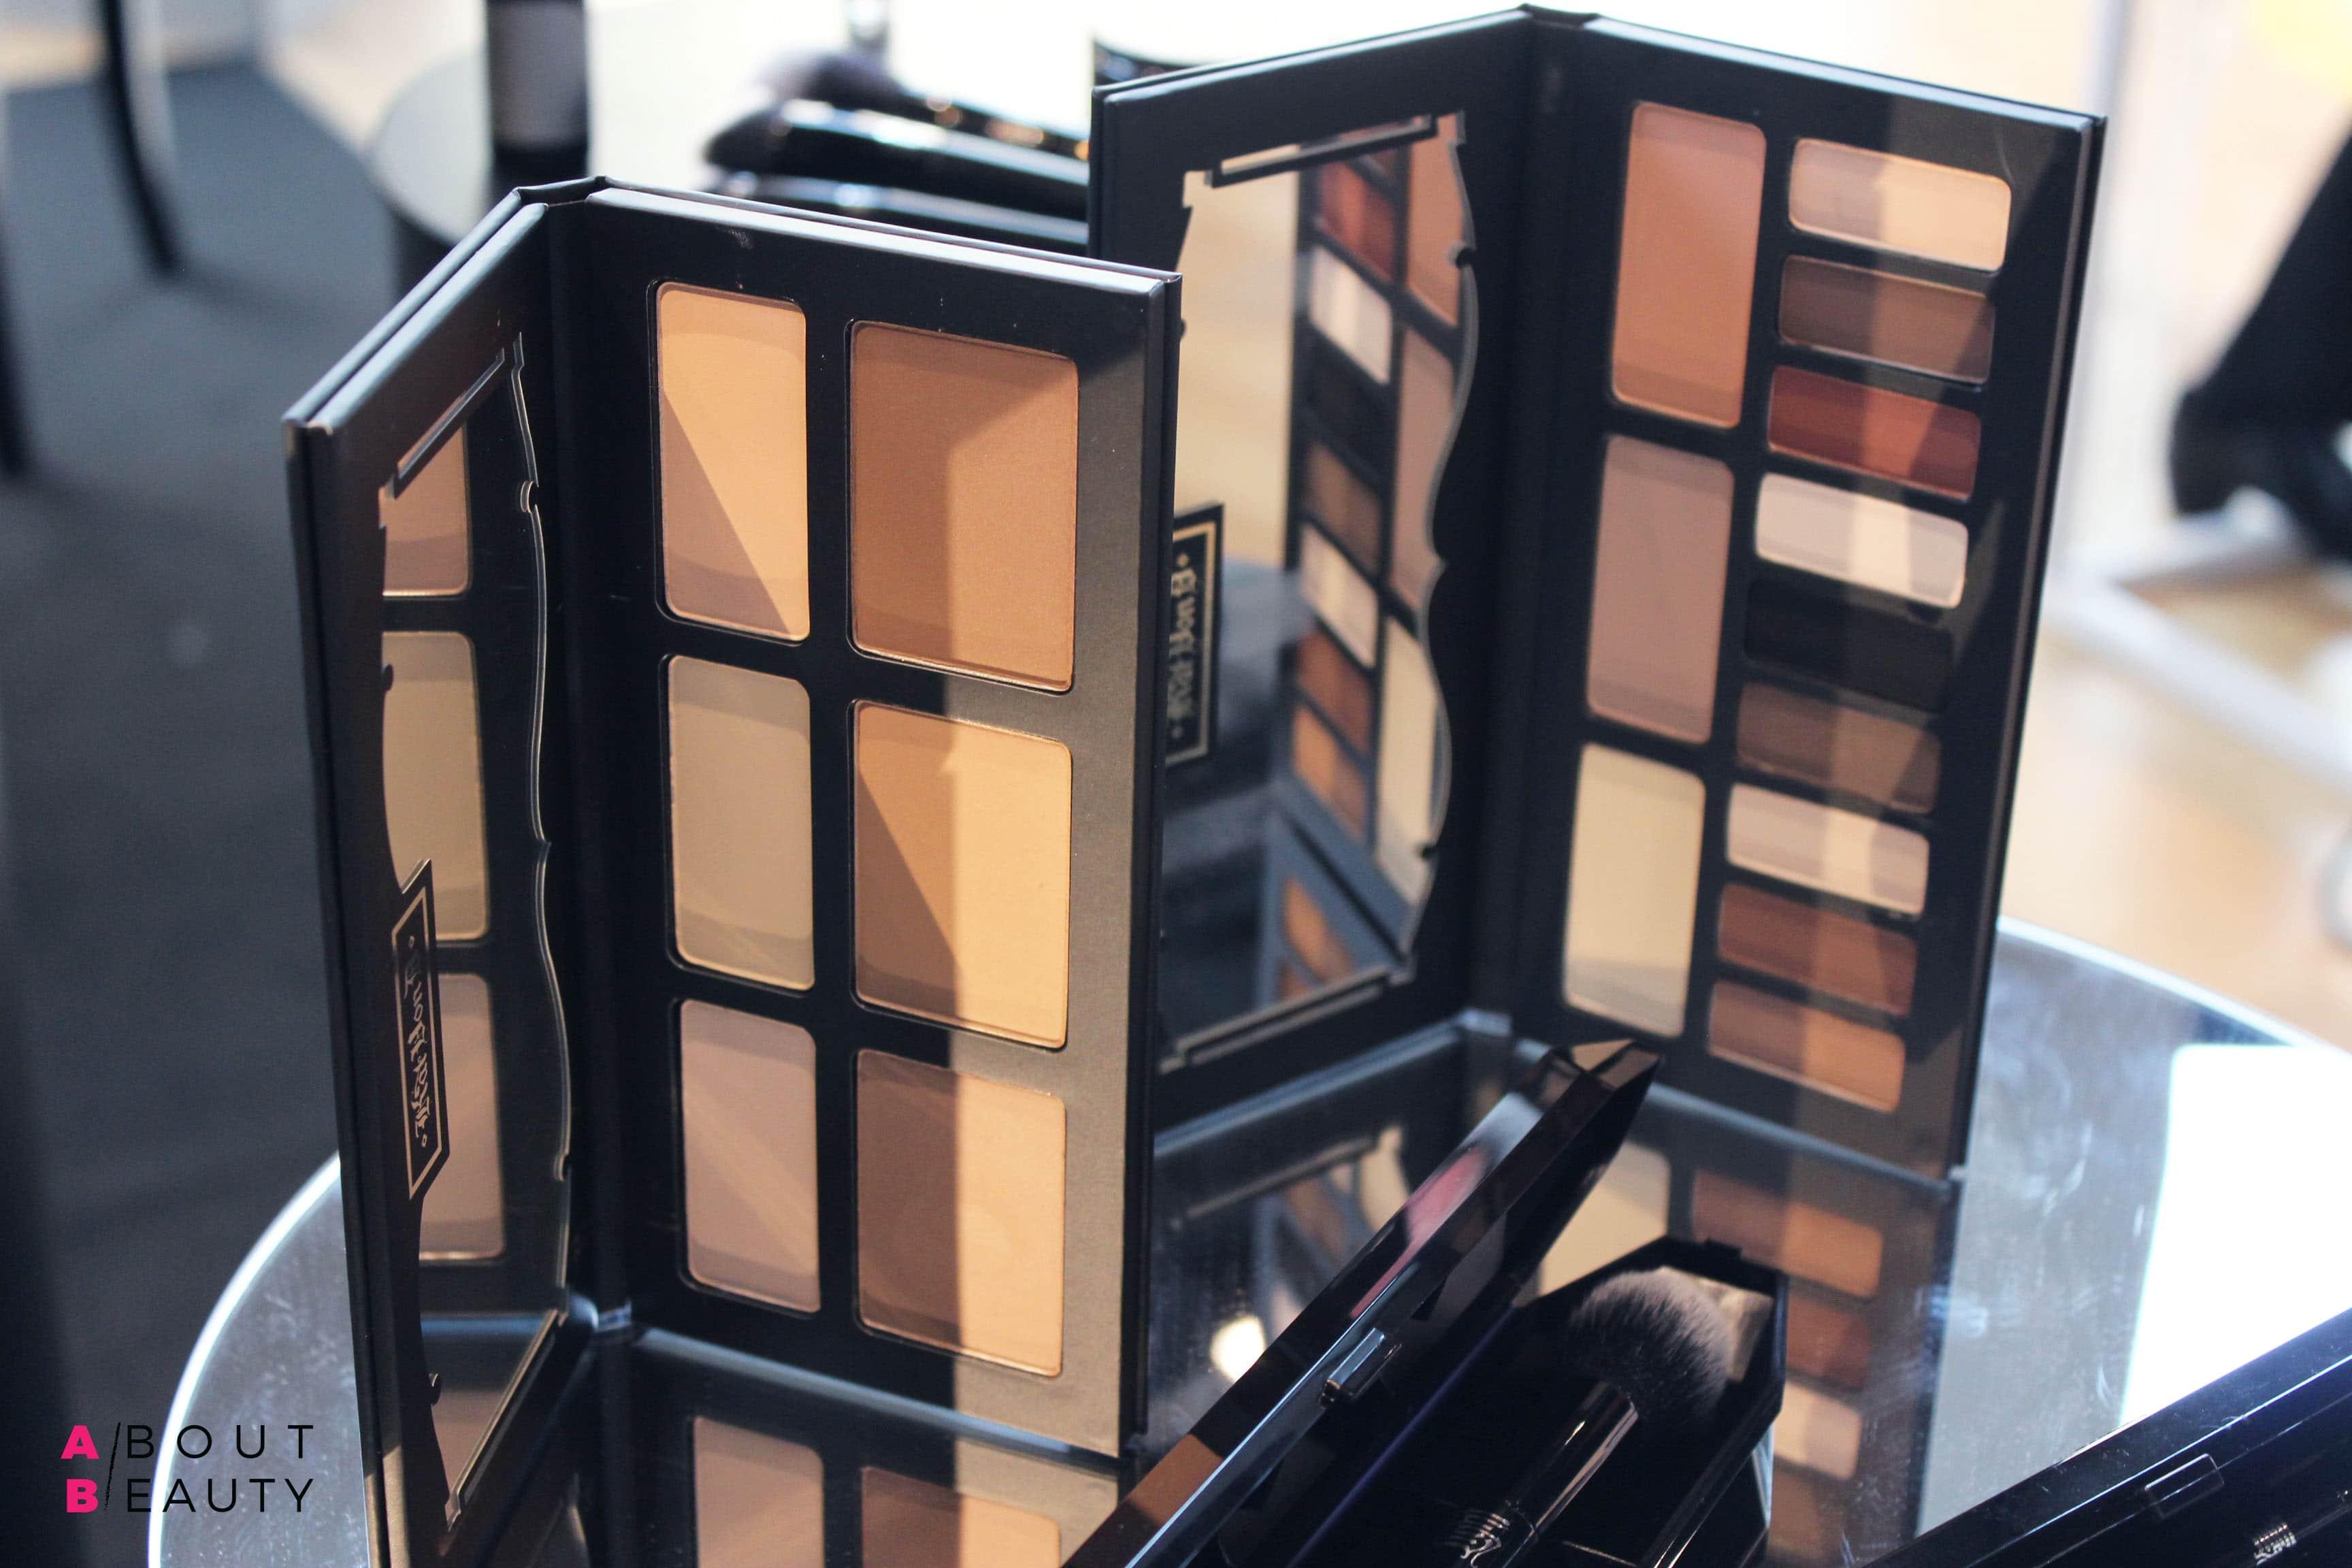 Kat Von D arriva in Italia: in esclusiva da Sephora tutti i prodotti make-up viso della collezione Lock-It